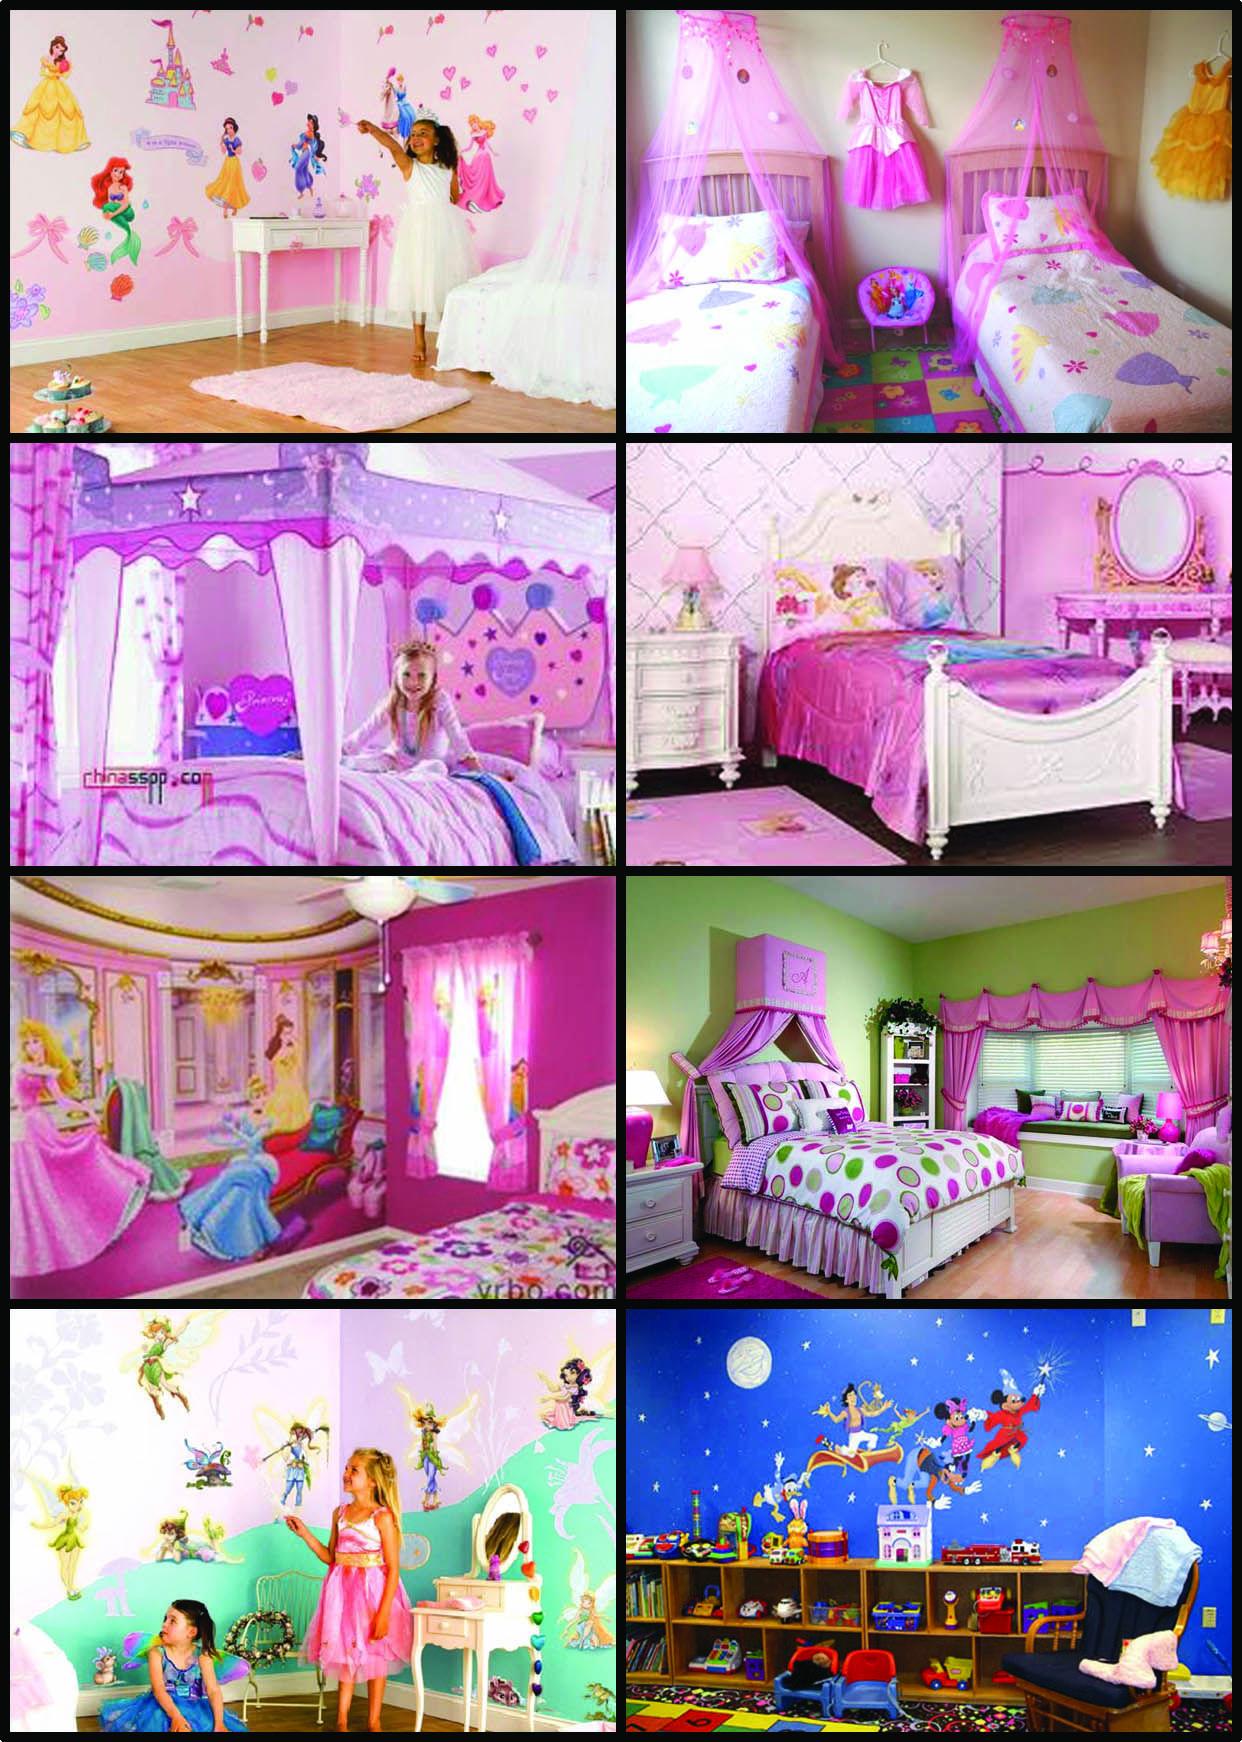 Disney Themed Bedroom Ideas